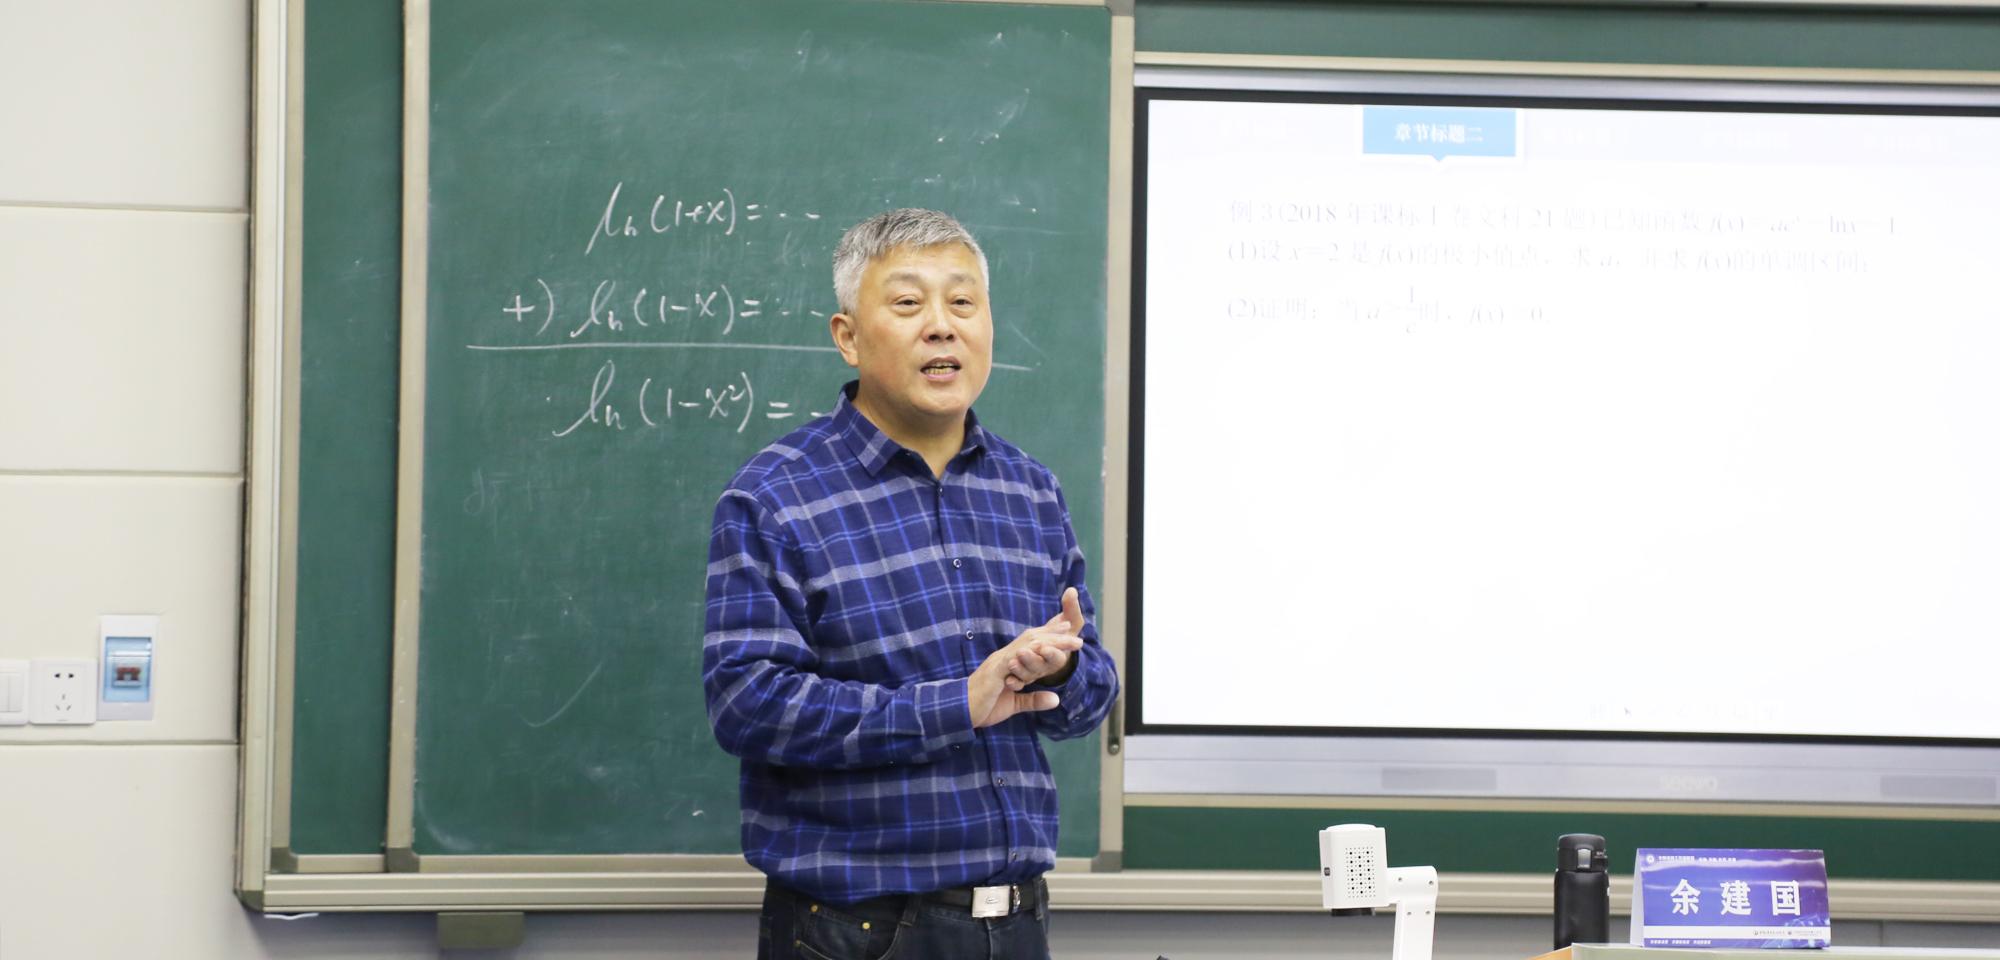 联盟常务理事、学术指导南京正高级、特级教师余建国的精彩高中数学示范课堂和教研活动受到好评。